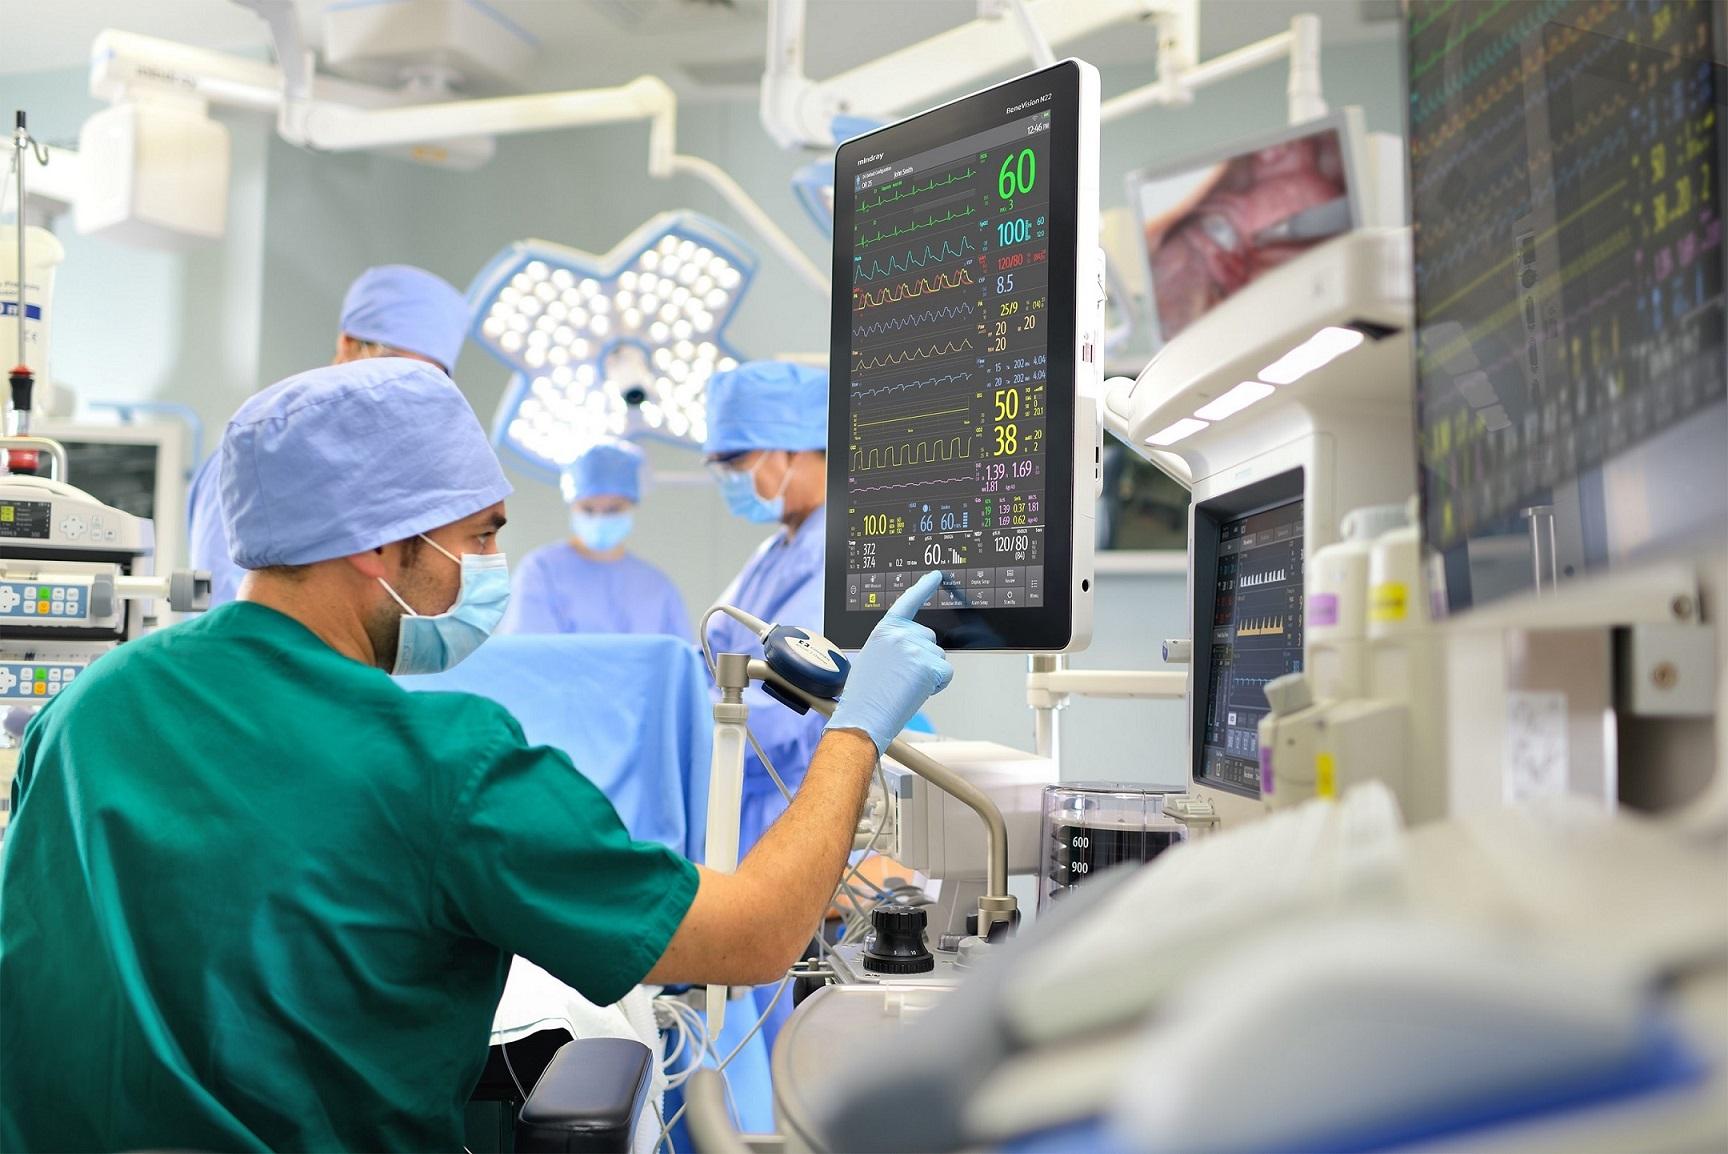 Nowe przepisy dla branży wyrobów medycznych: wysokie normy jakości i bezpieczeństwa